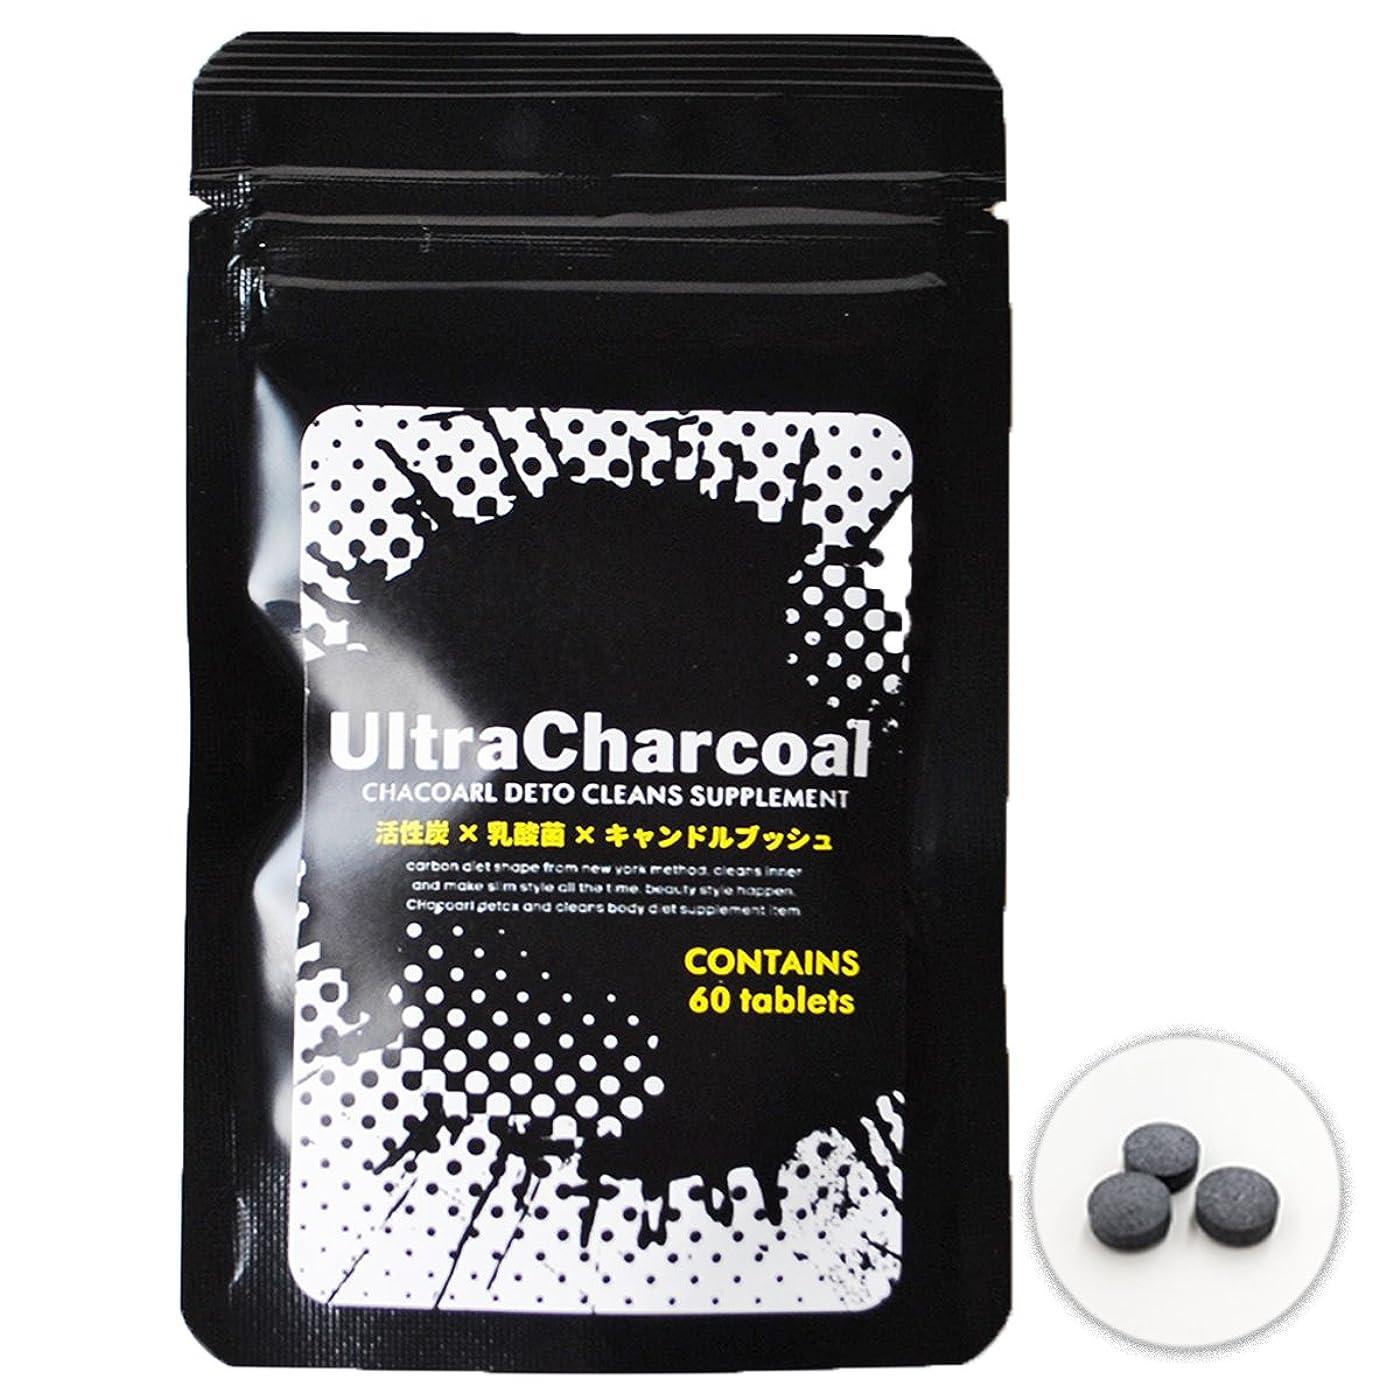 パースブラックボロウしかし汚いチャコールダイエット サプリ 活性炭 竹炭 備長炭 有胞子性乳酸菌 キャンドルブッシュ 配合 サプリメント (60粒入り)